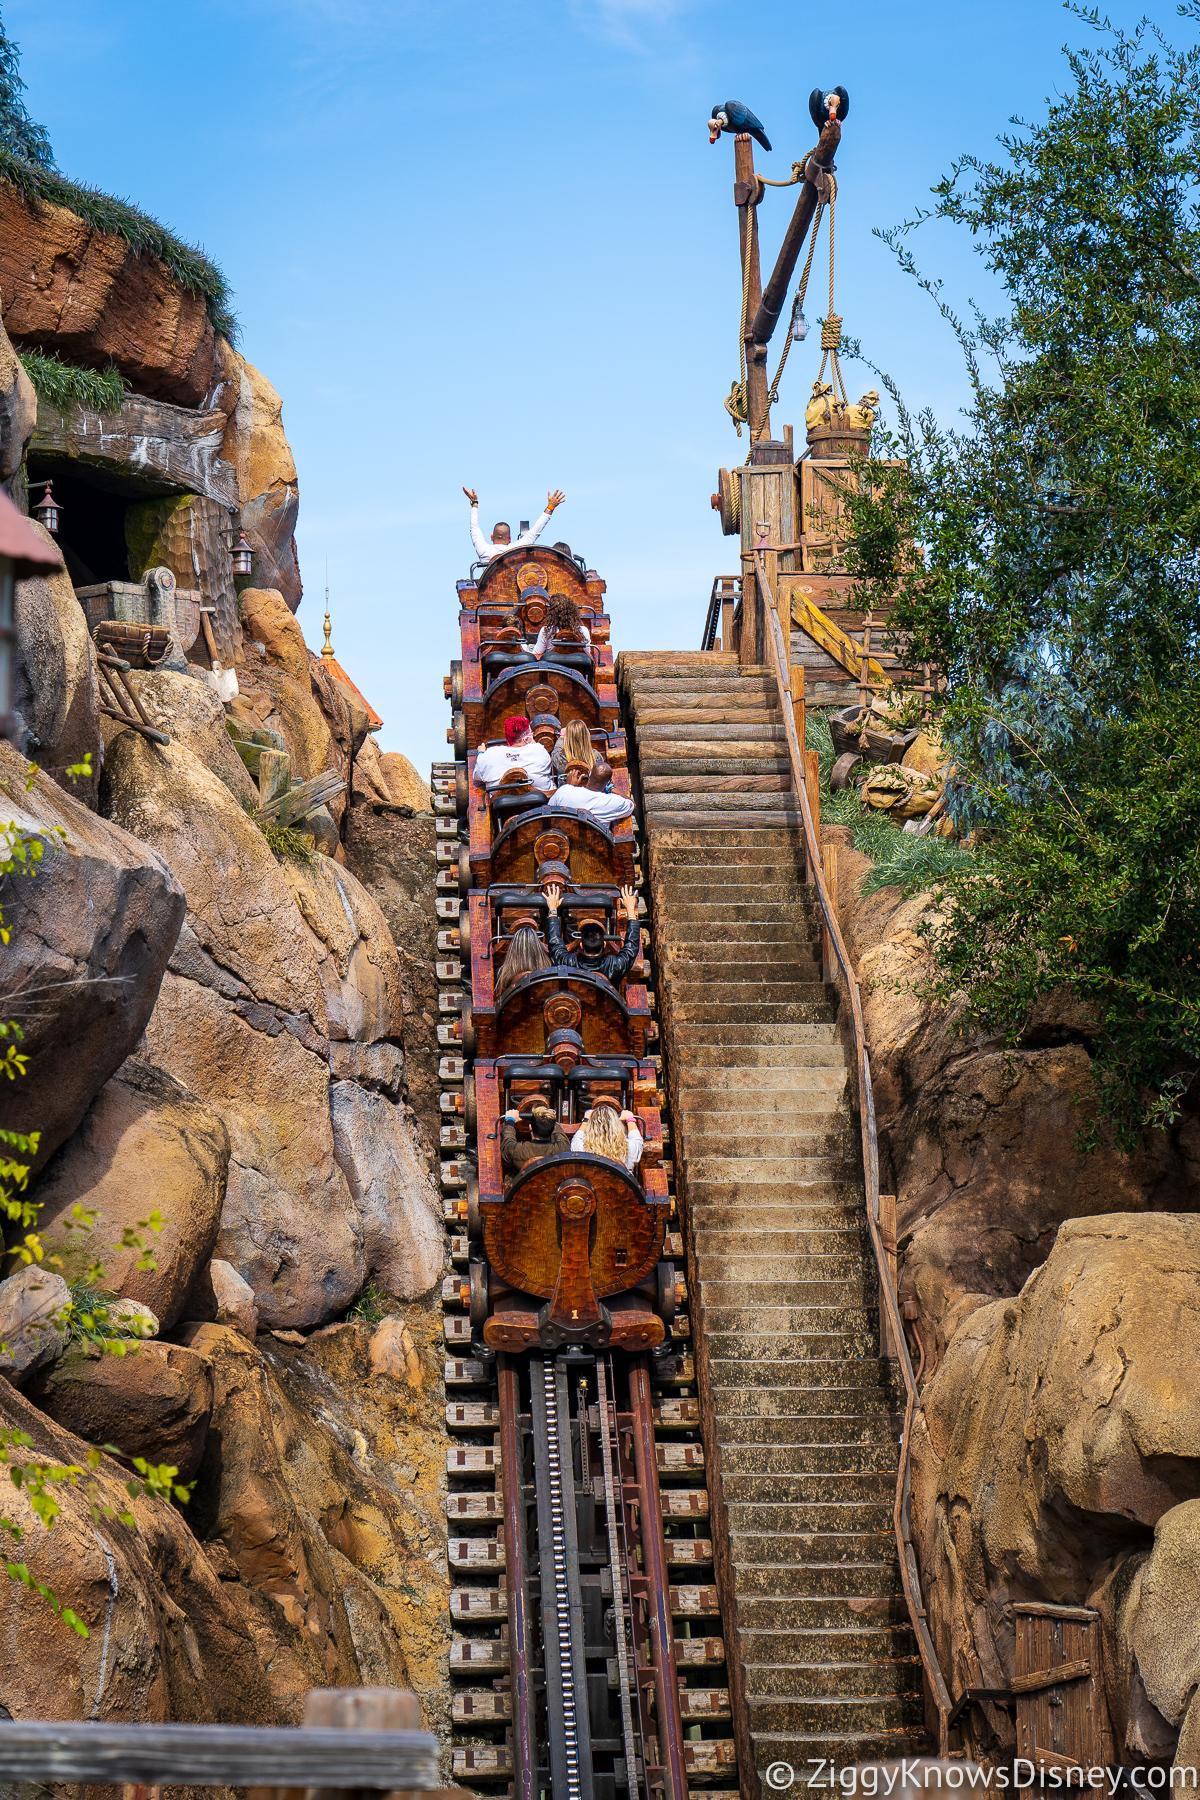 Rides at Magic Kingdom